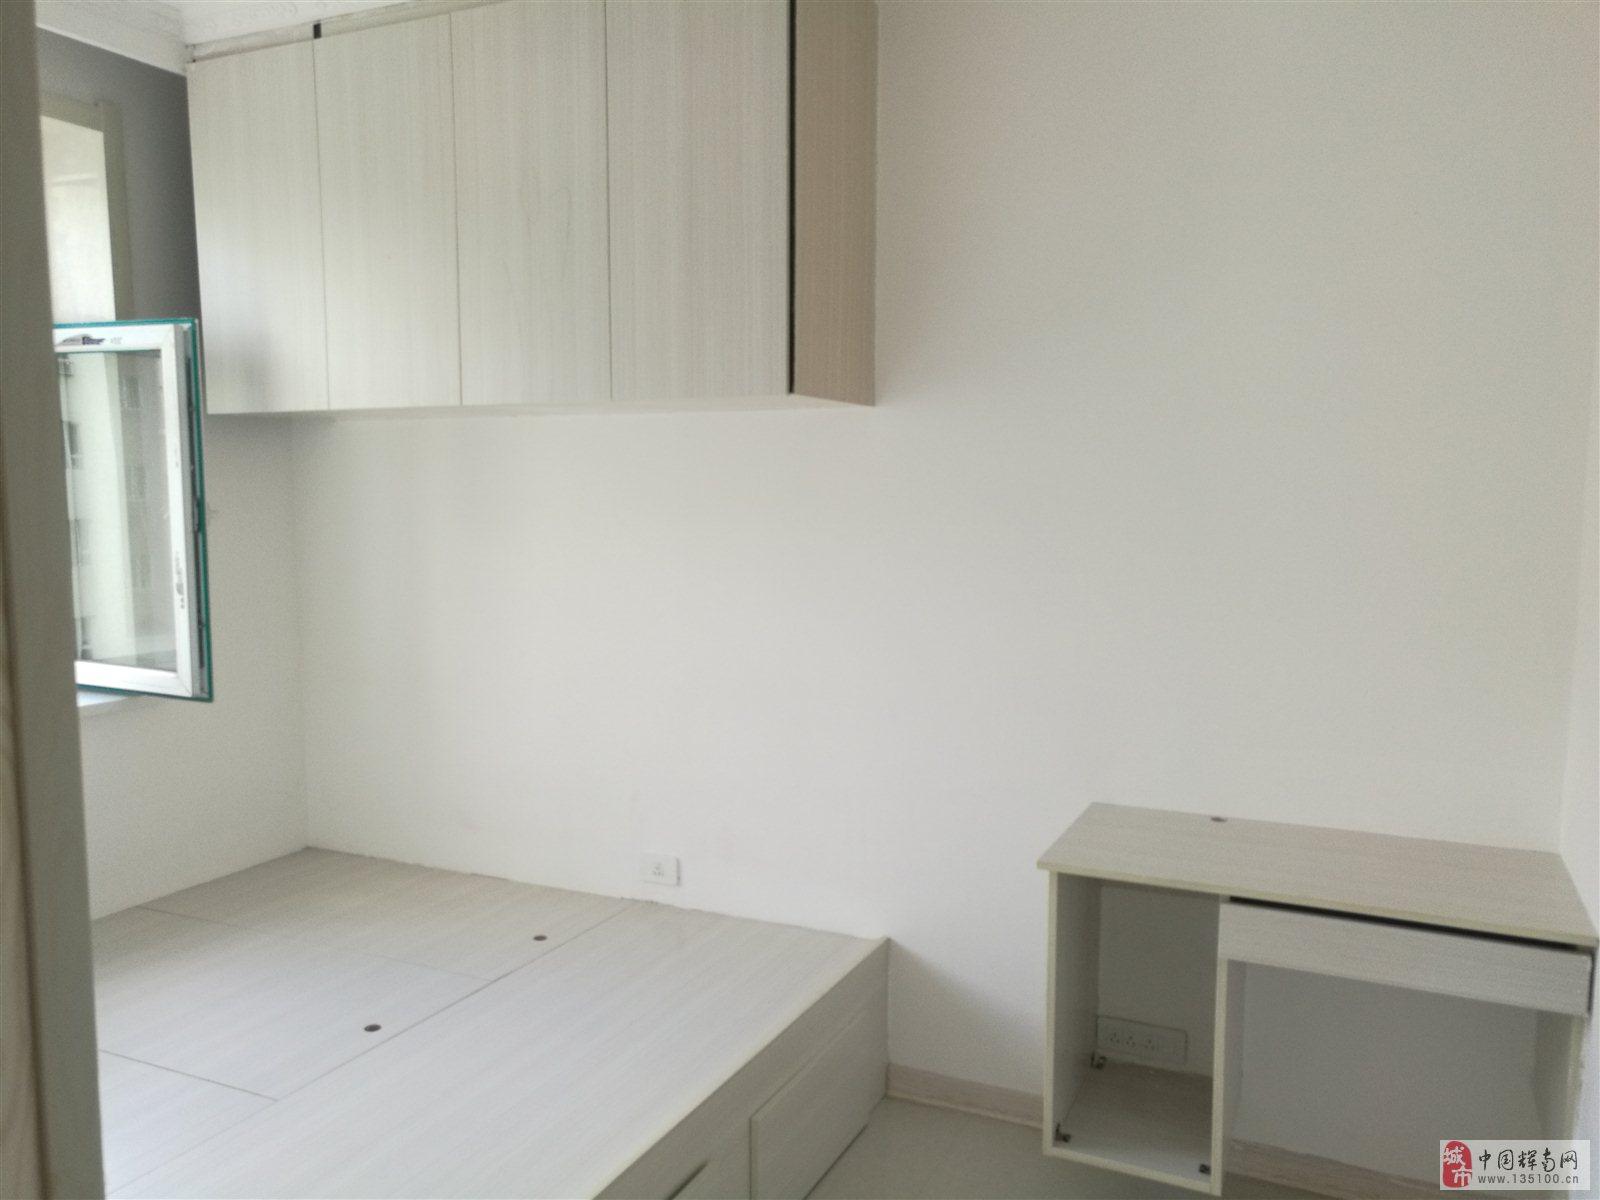 楼房炕床设计图